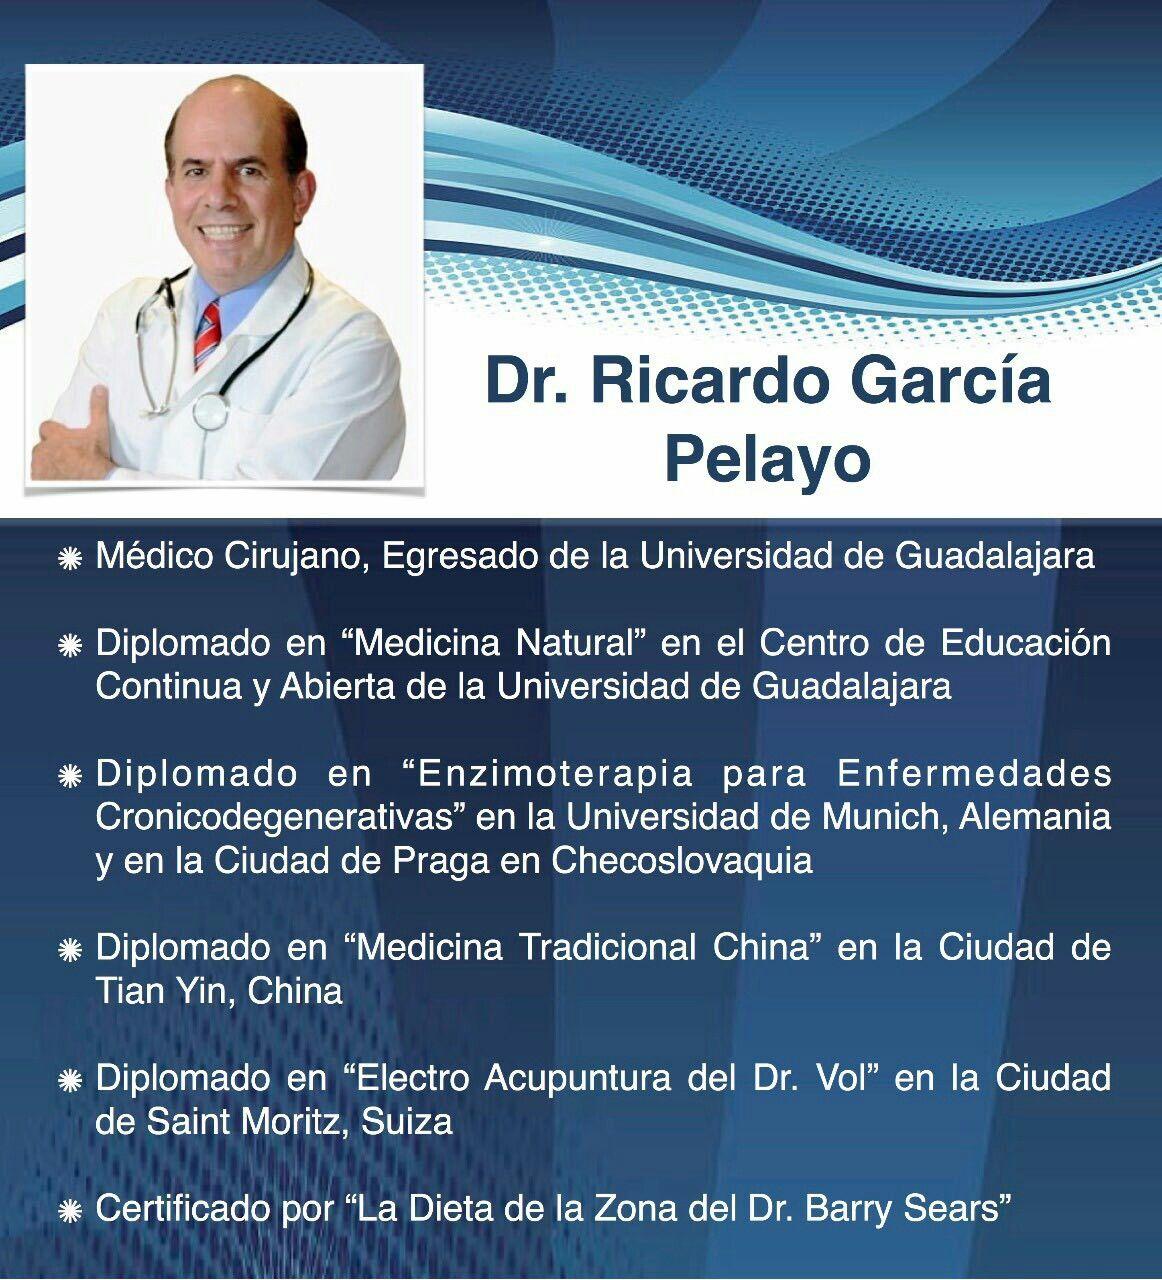 Oz Garcias The Healthy High-Tech Body